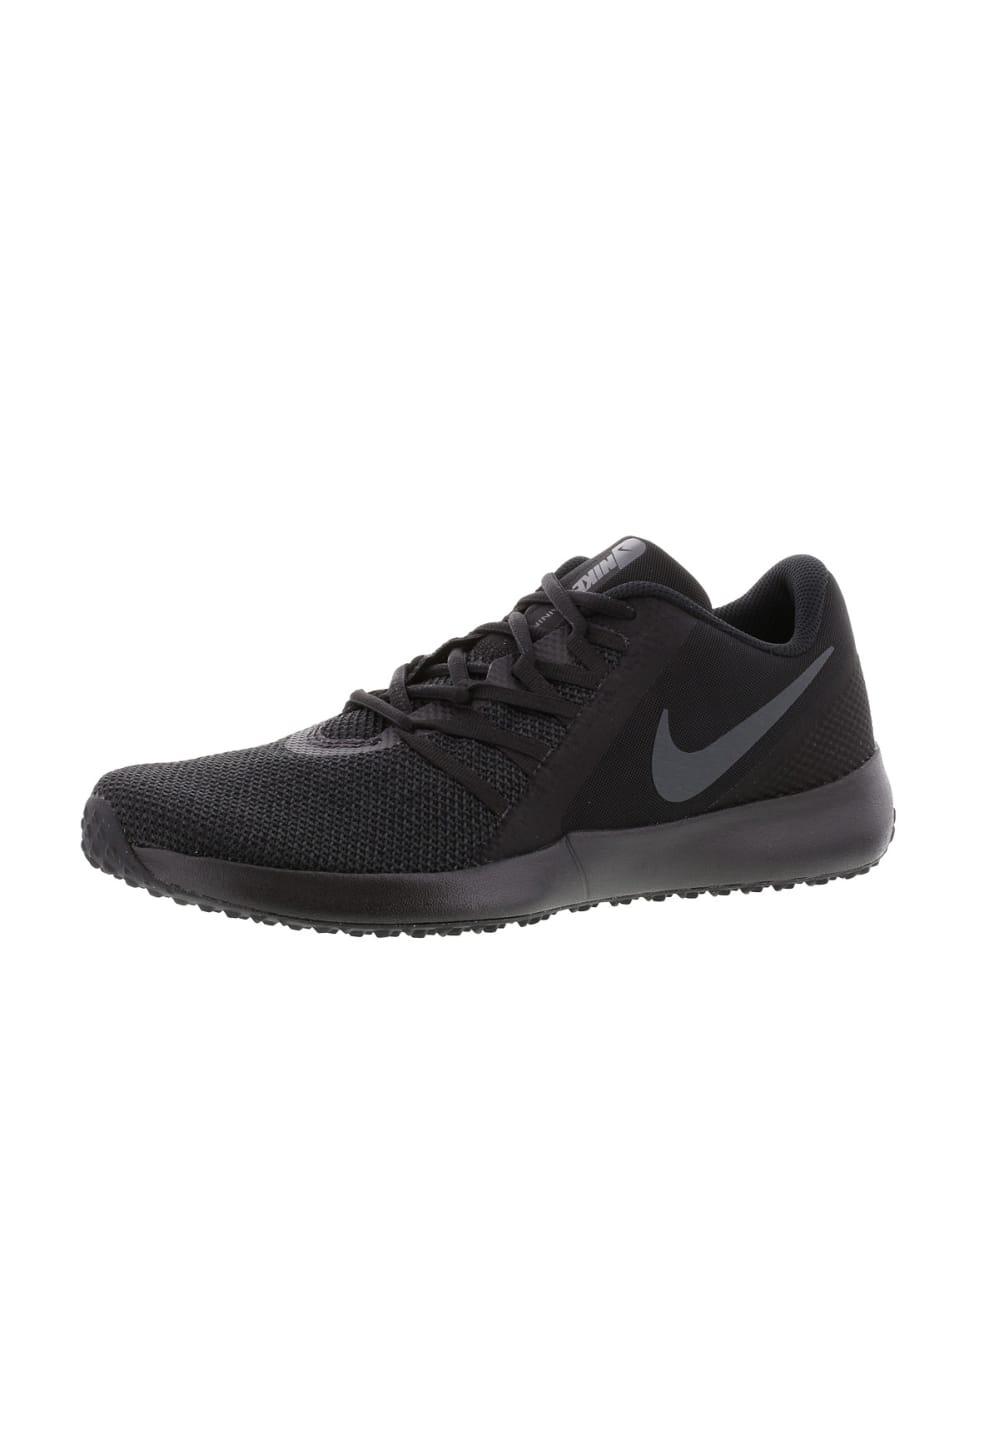 Nike Varsity Compete Trainer - Fitnessschuhe für Herren - Schwarz